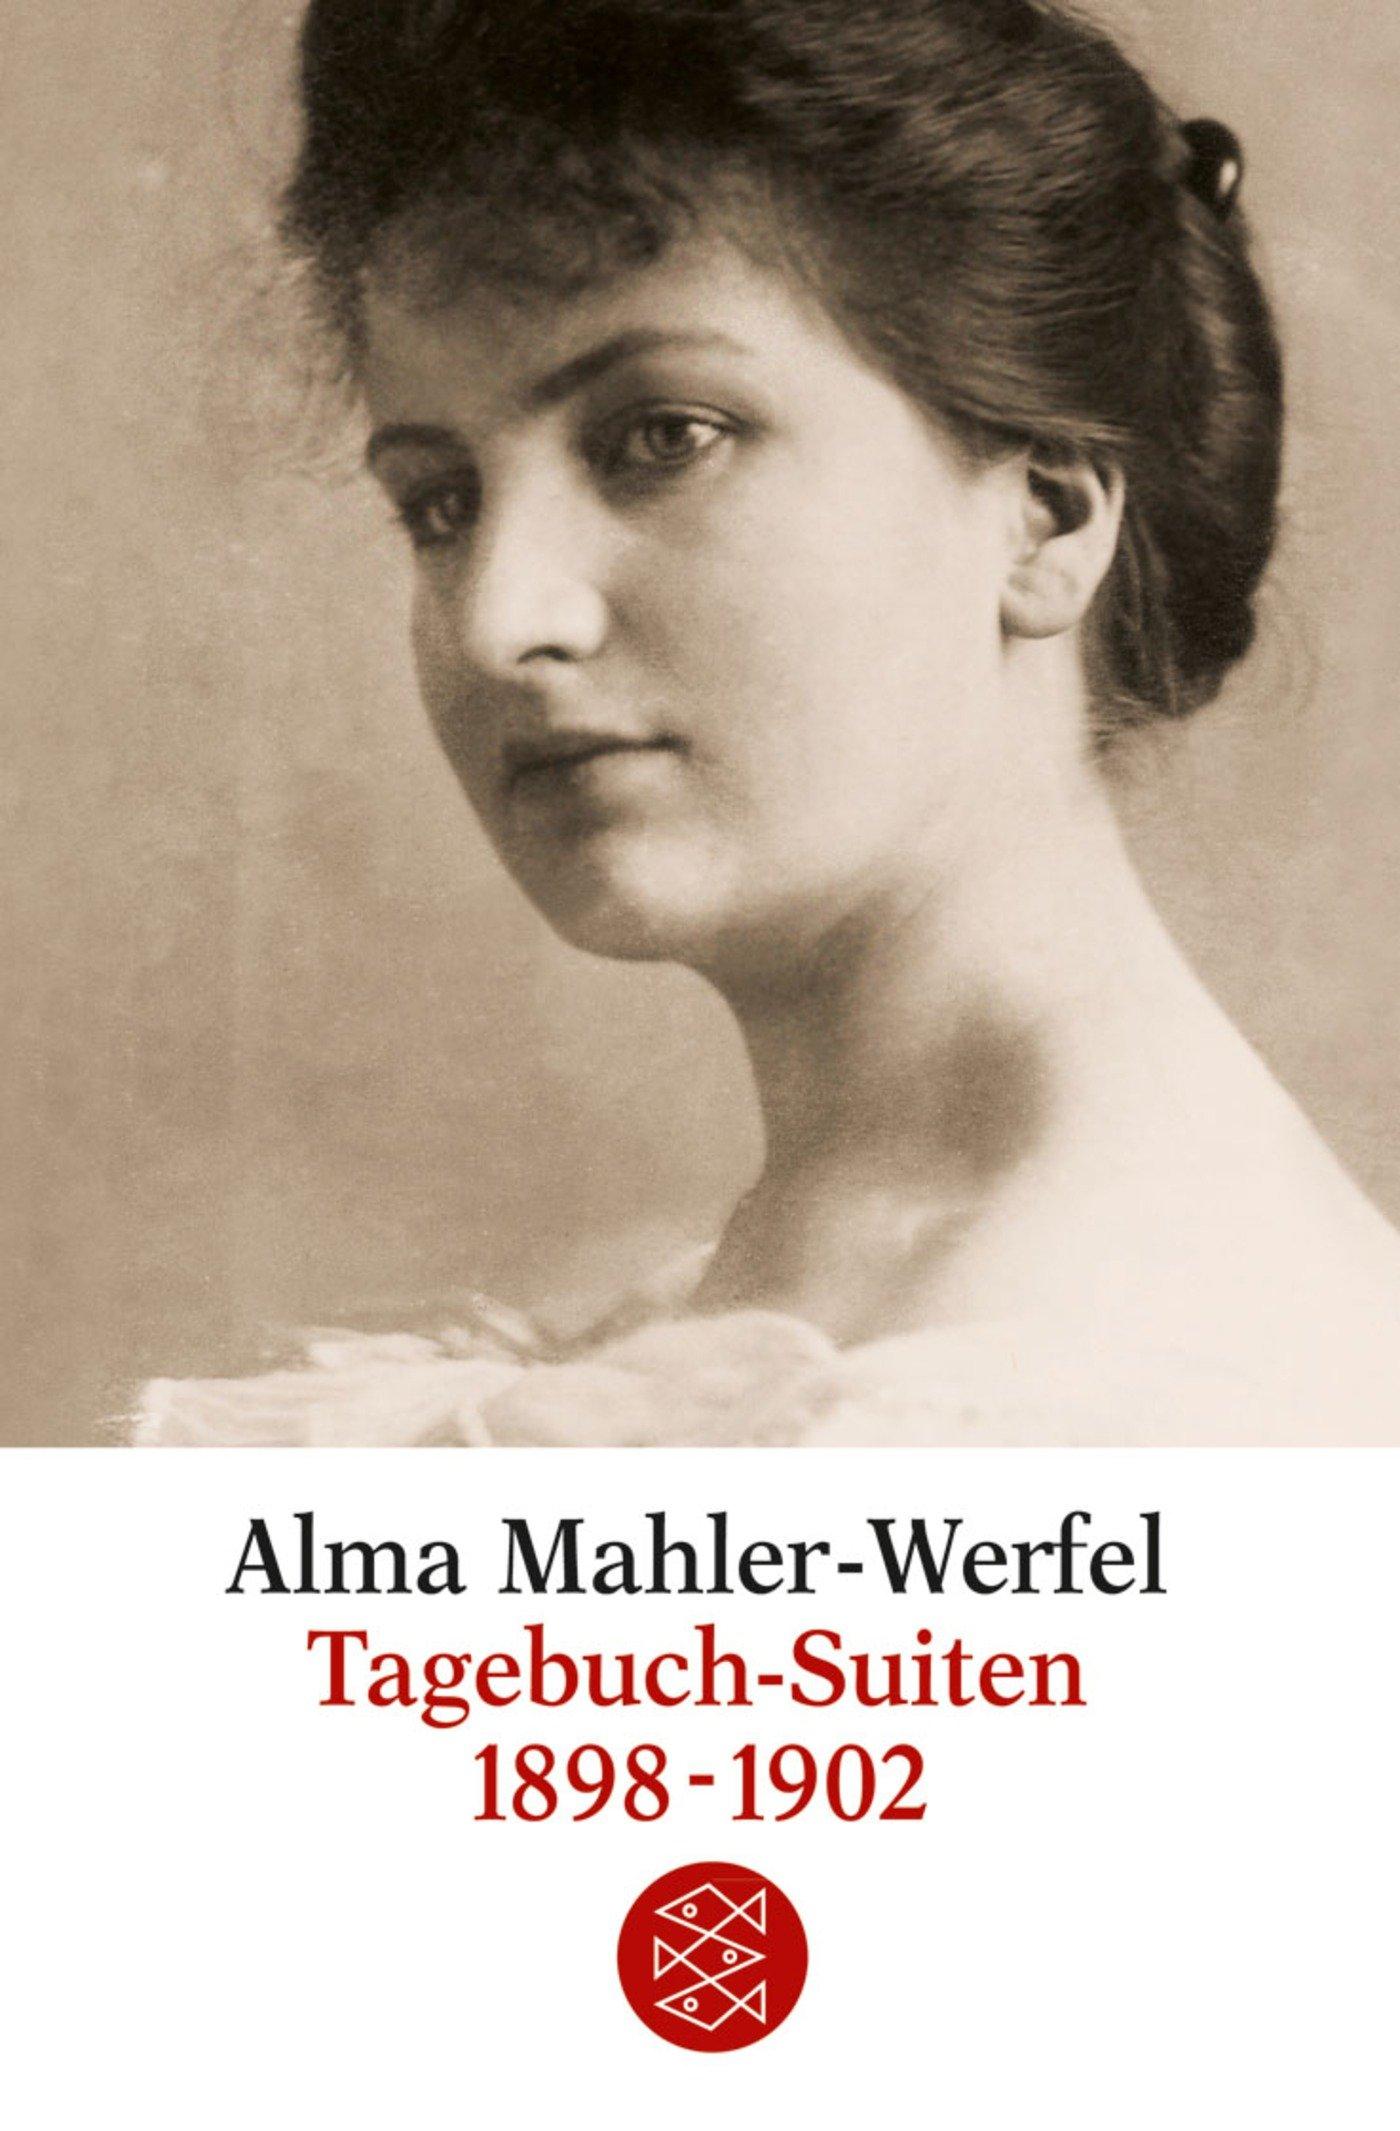 tagebuch-suiten-1898-1902